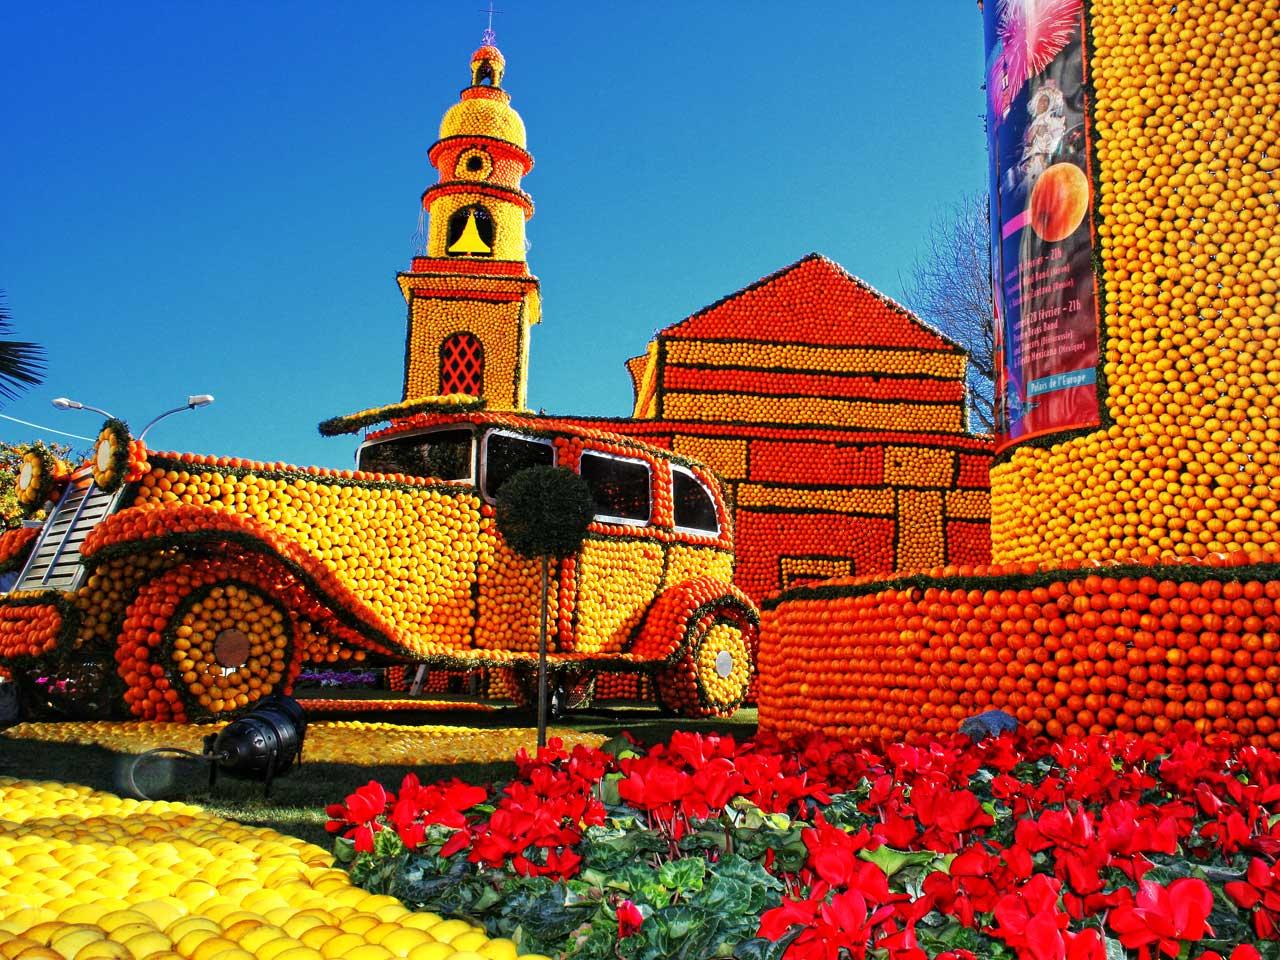 La Fiesta del Limón de menton en la que se hacen impresionantes construcciones con cítricos